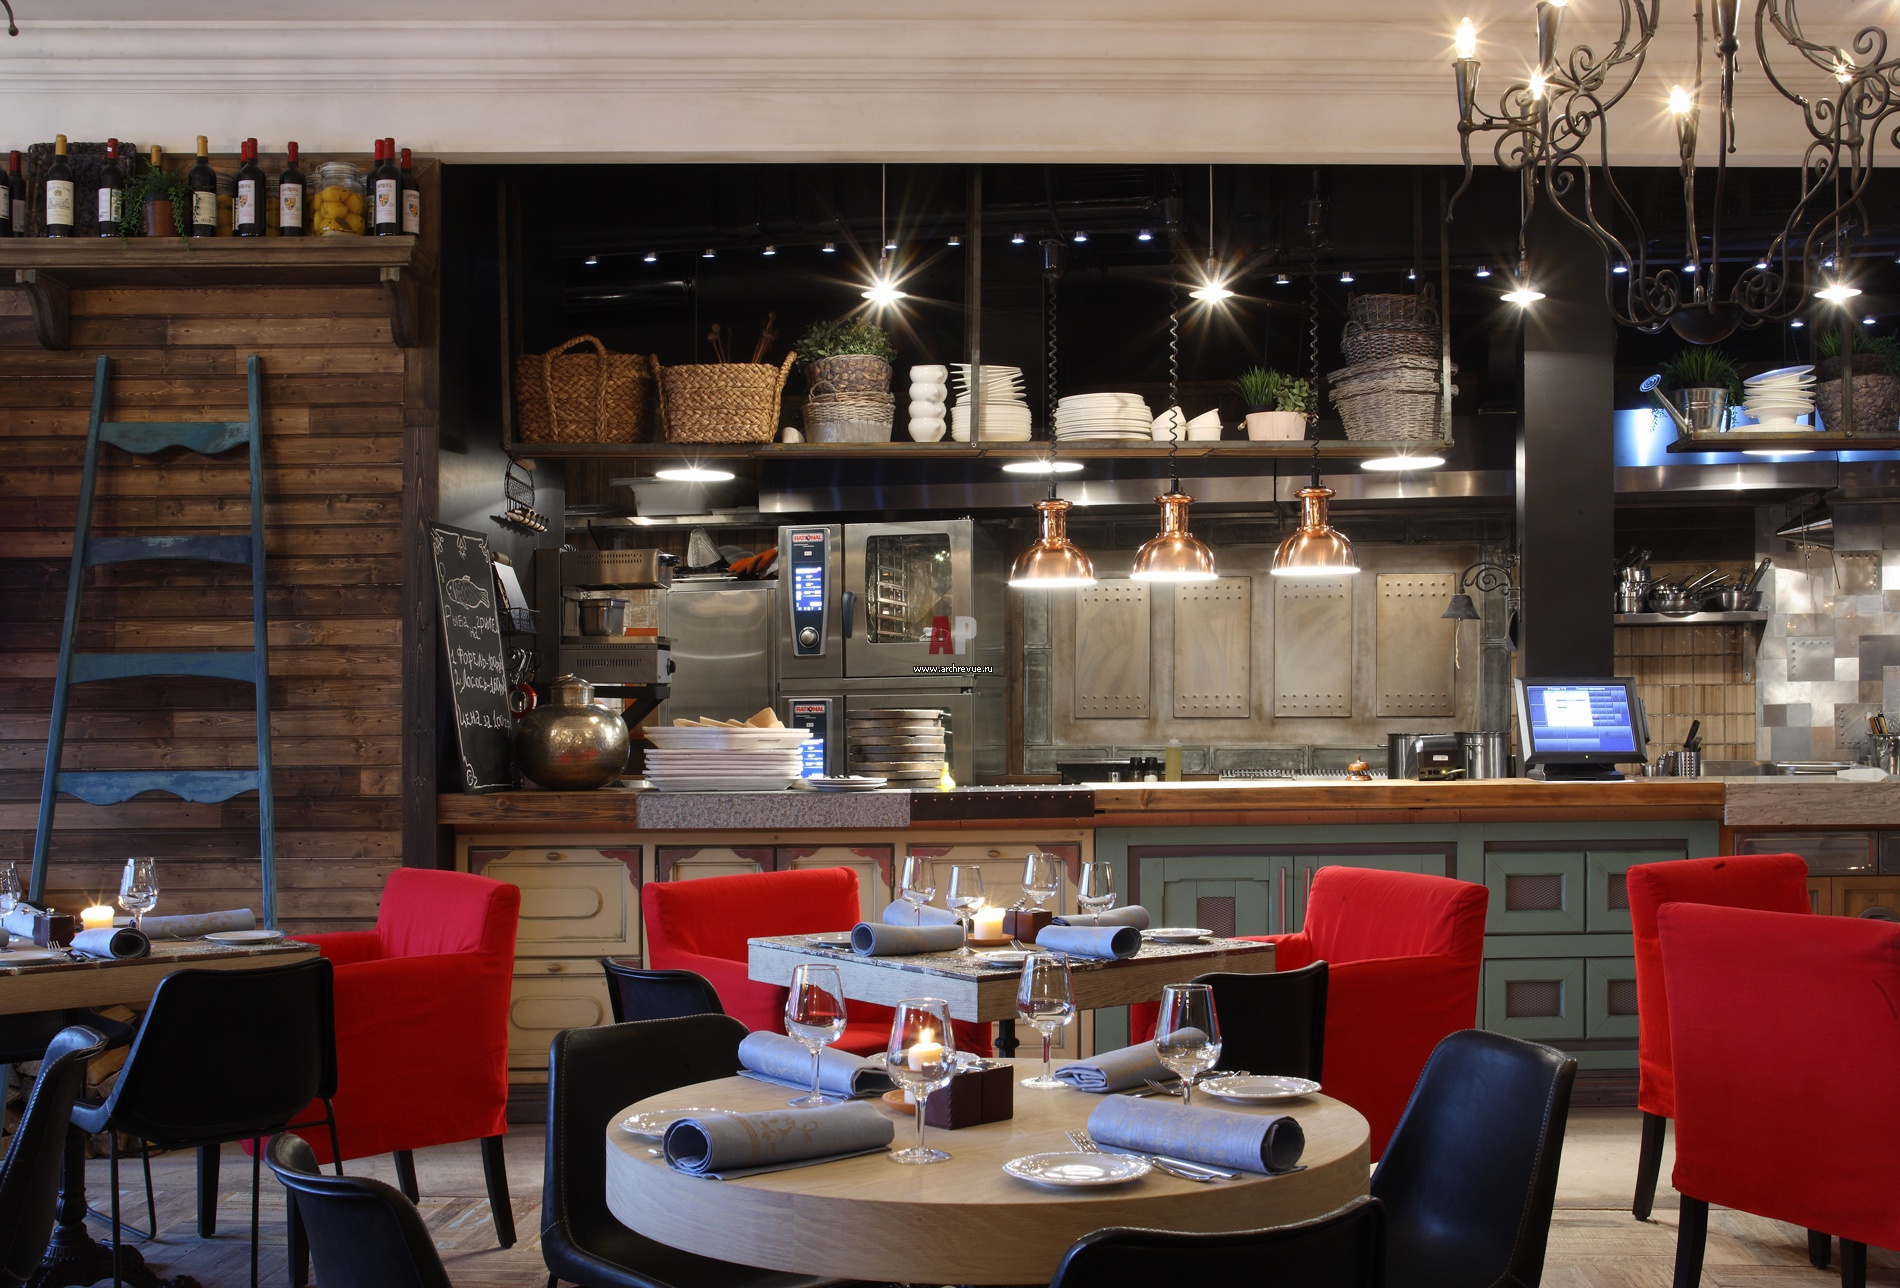 Интерьер кухни ресторана кафе